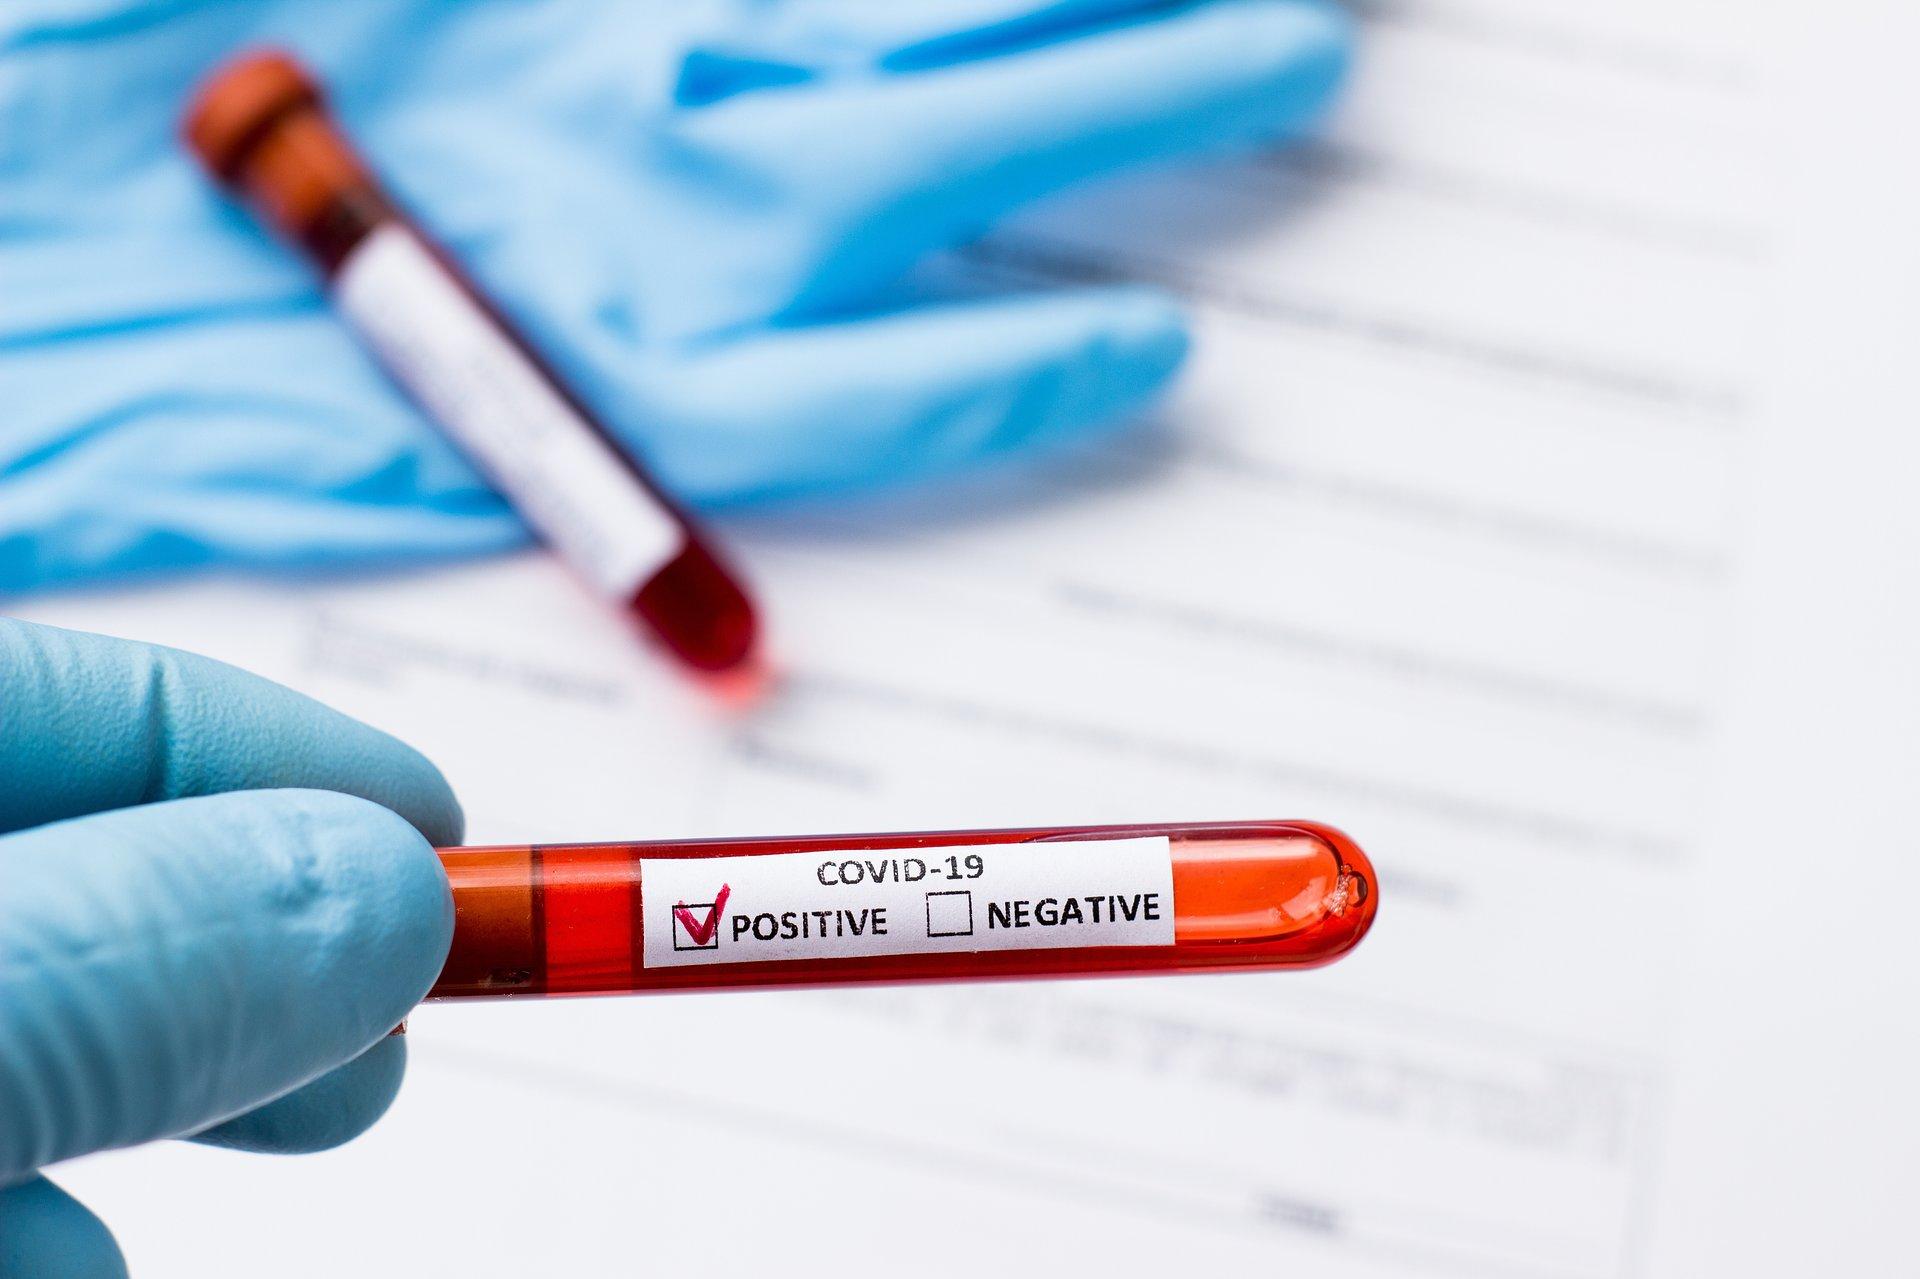 Szybki dostęp do testów na COVID-19 dla farmaceutów tylko na papierze?